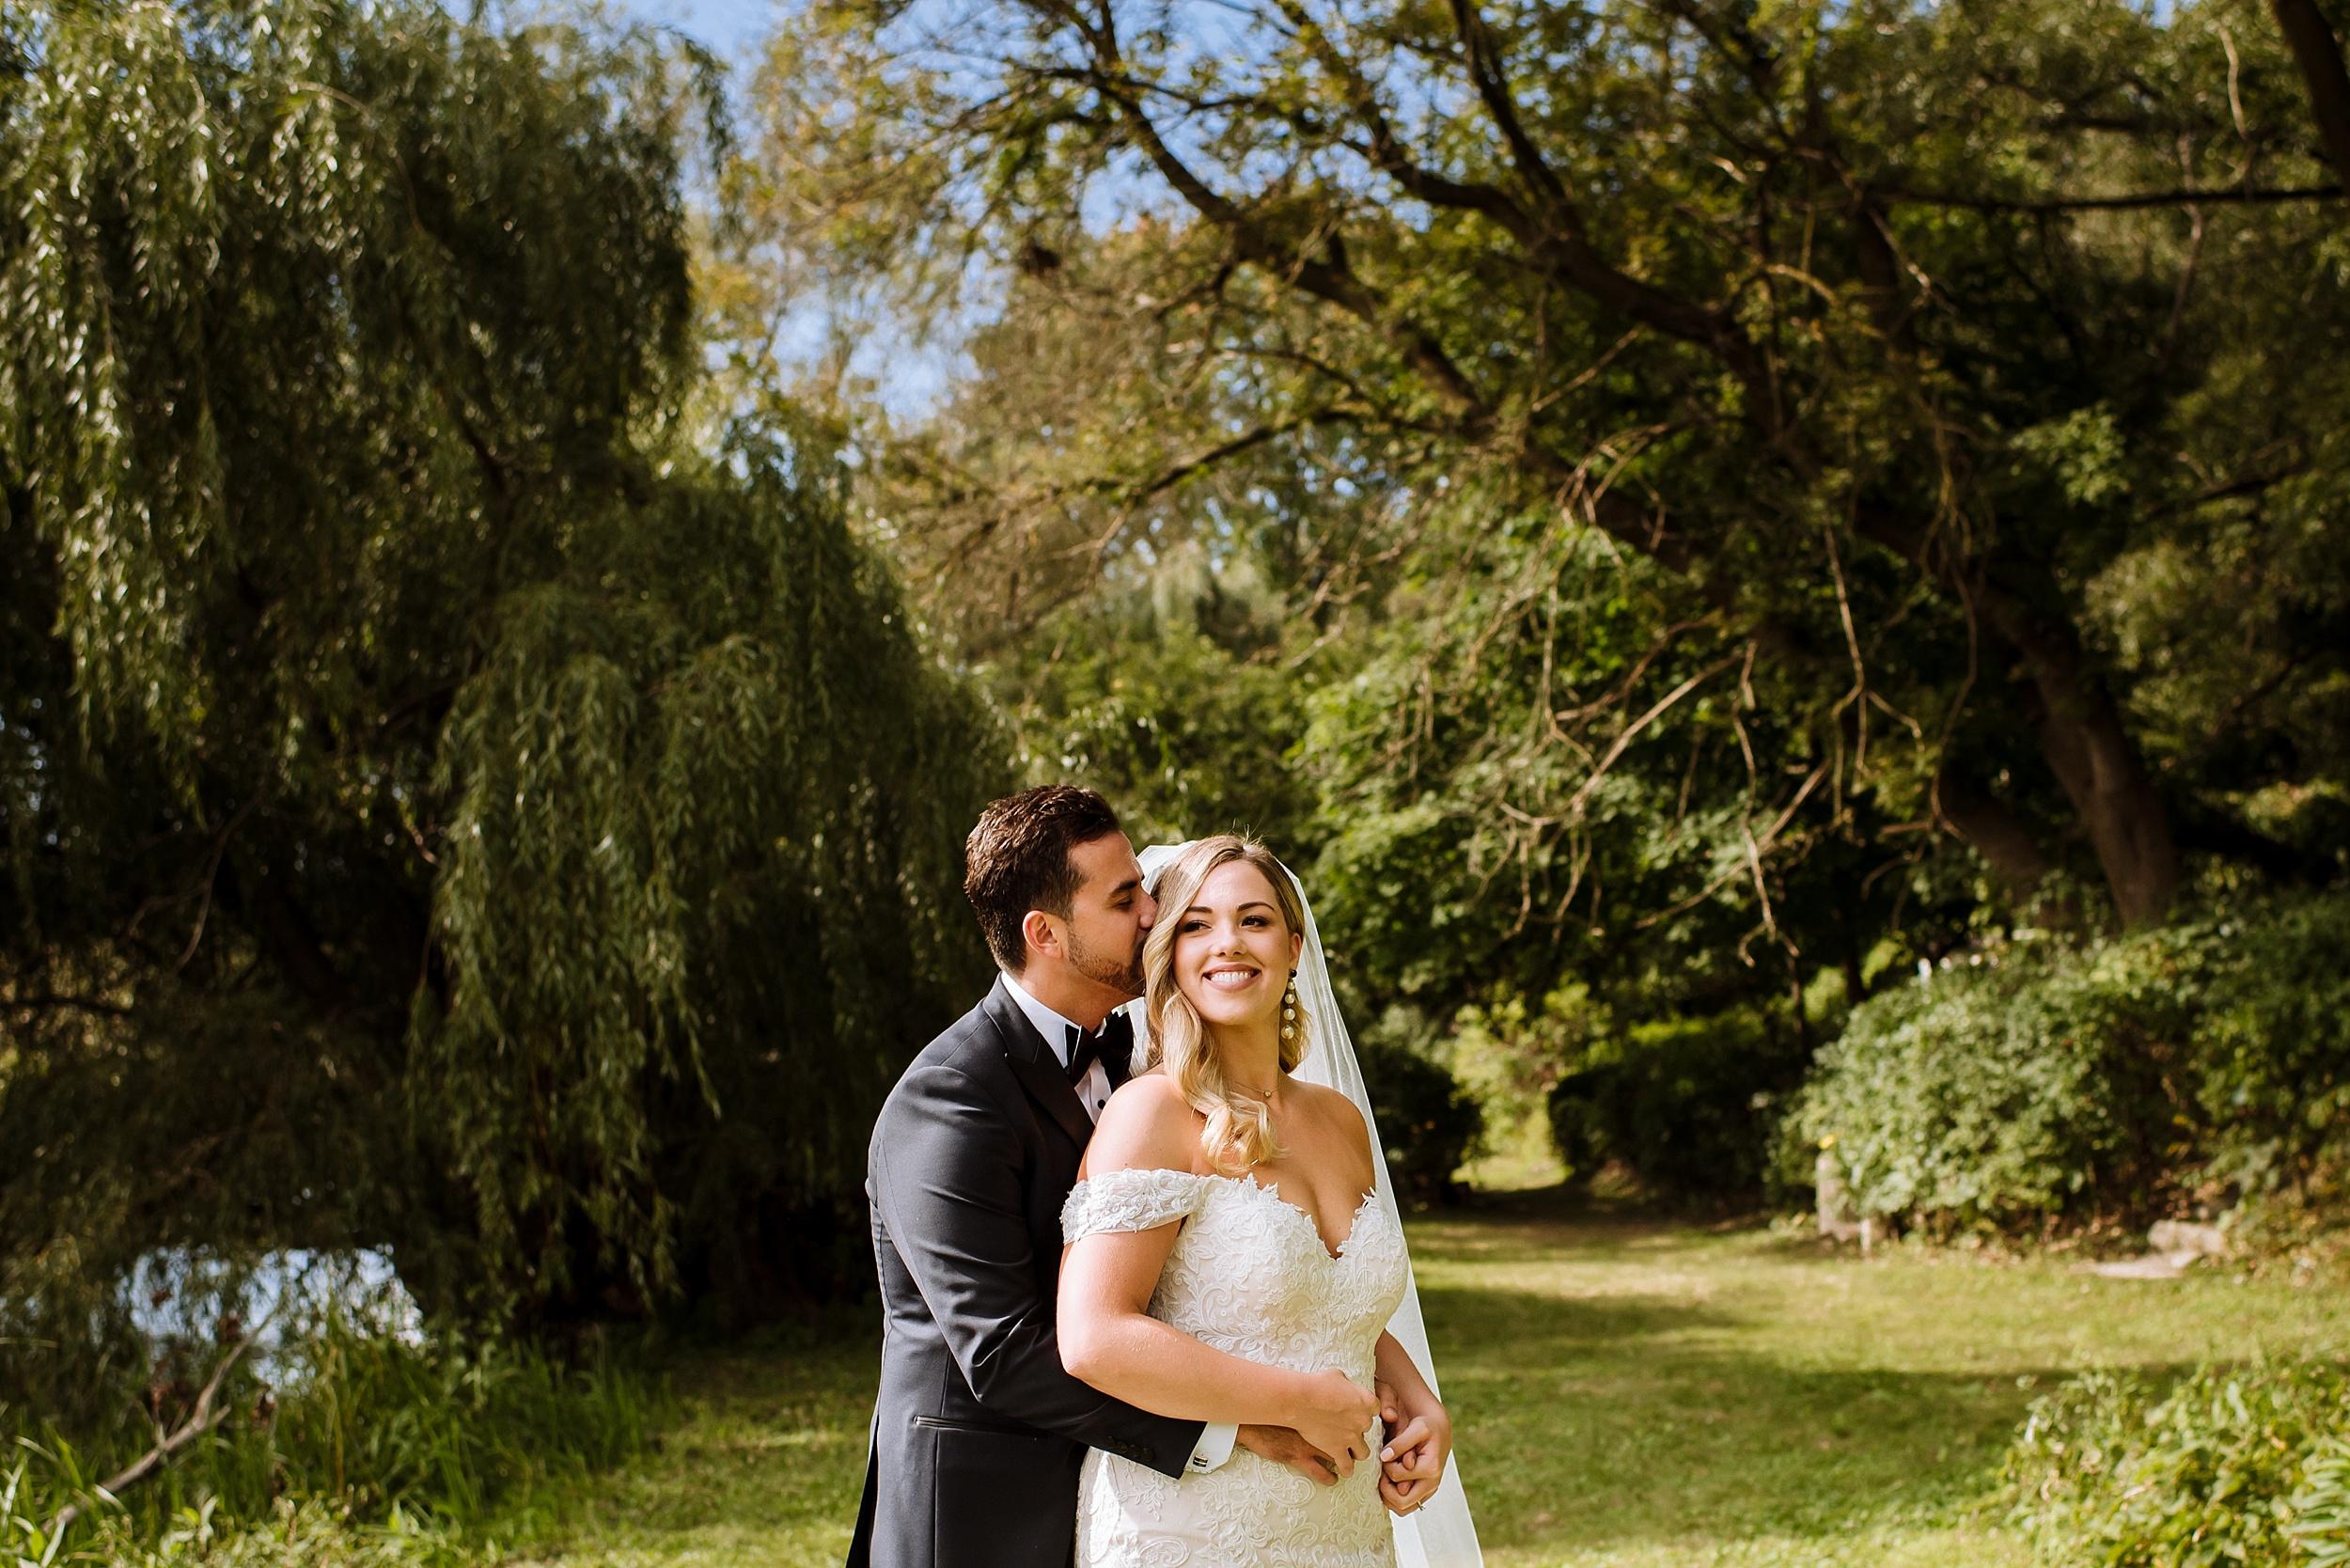 Rustic_Backyard_Wedding_Toronto_Photographer046.jpg